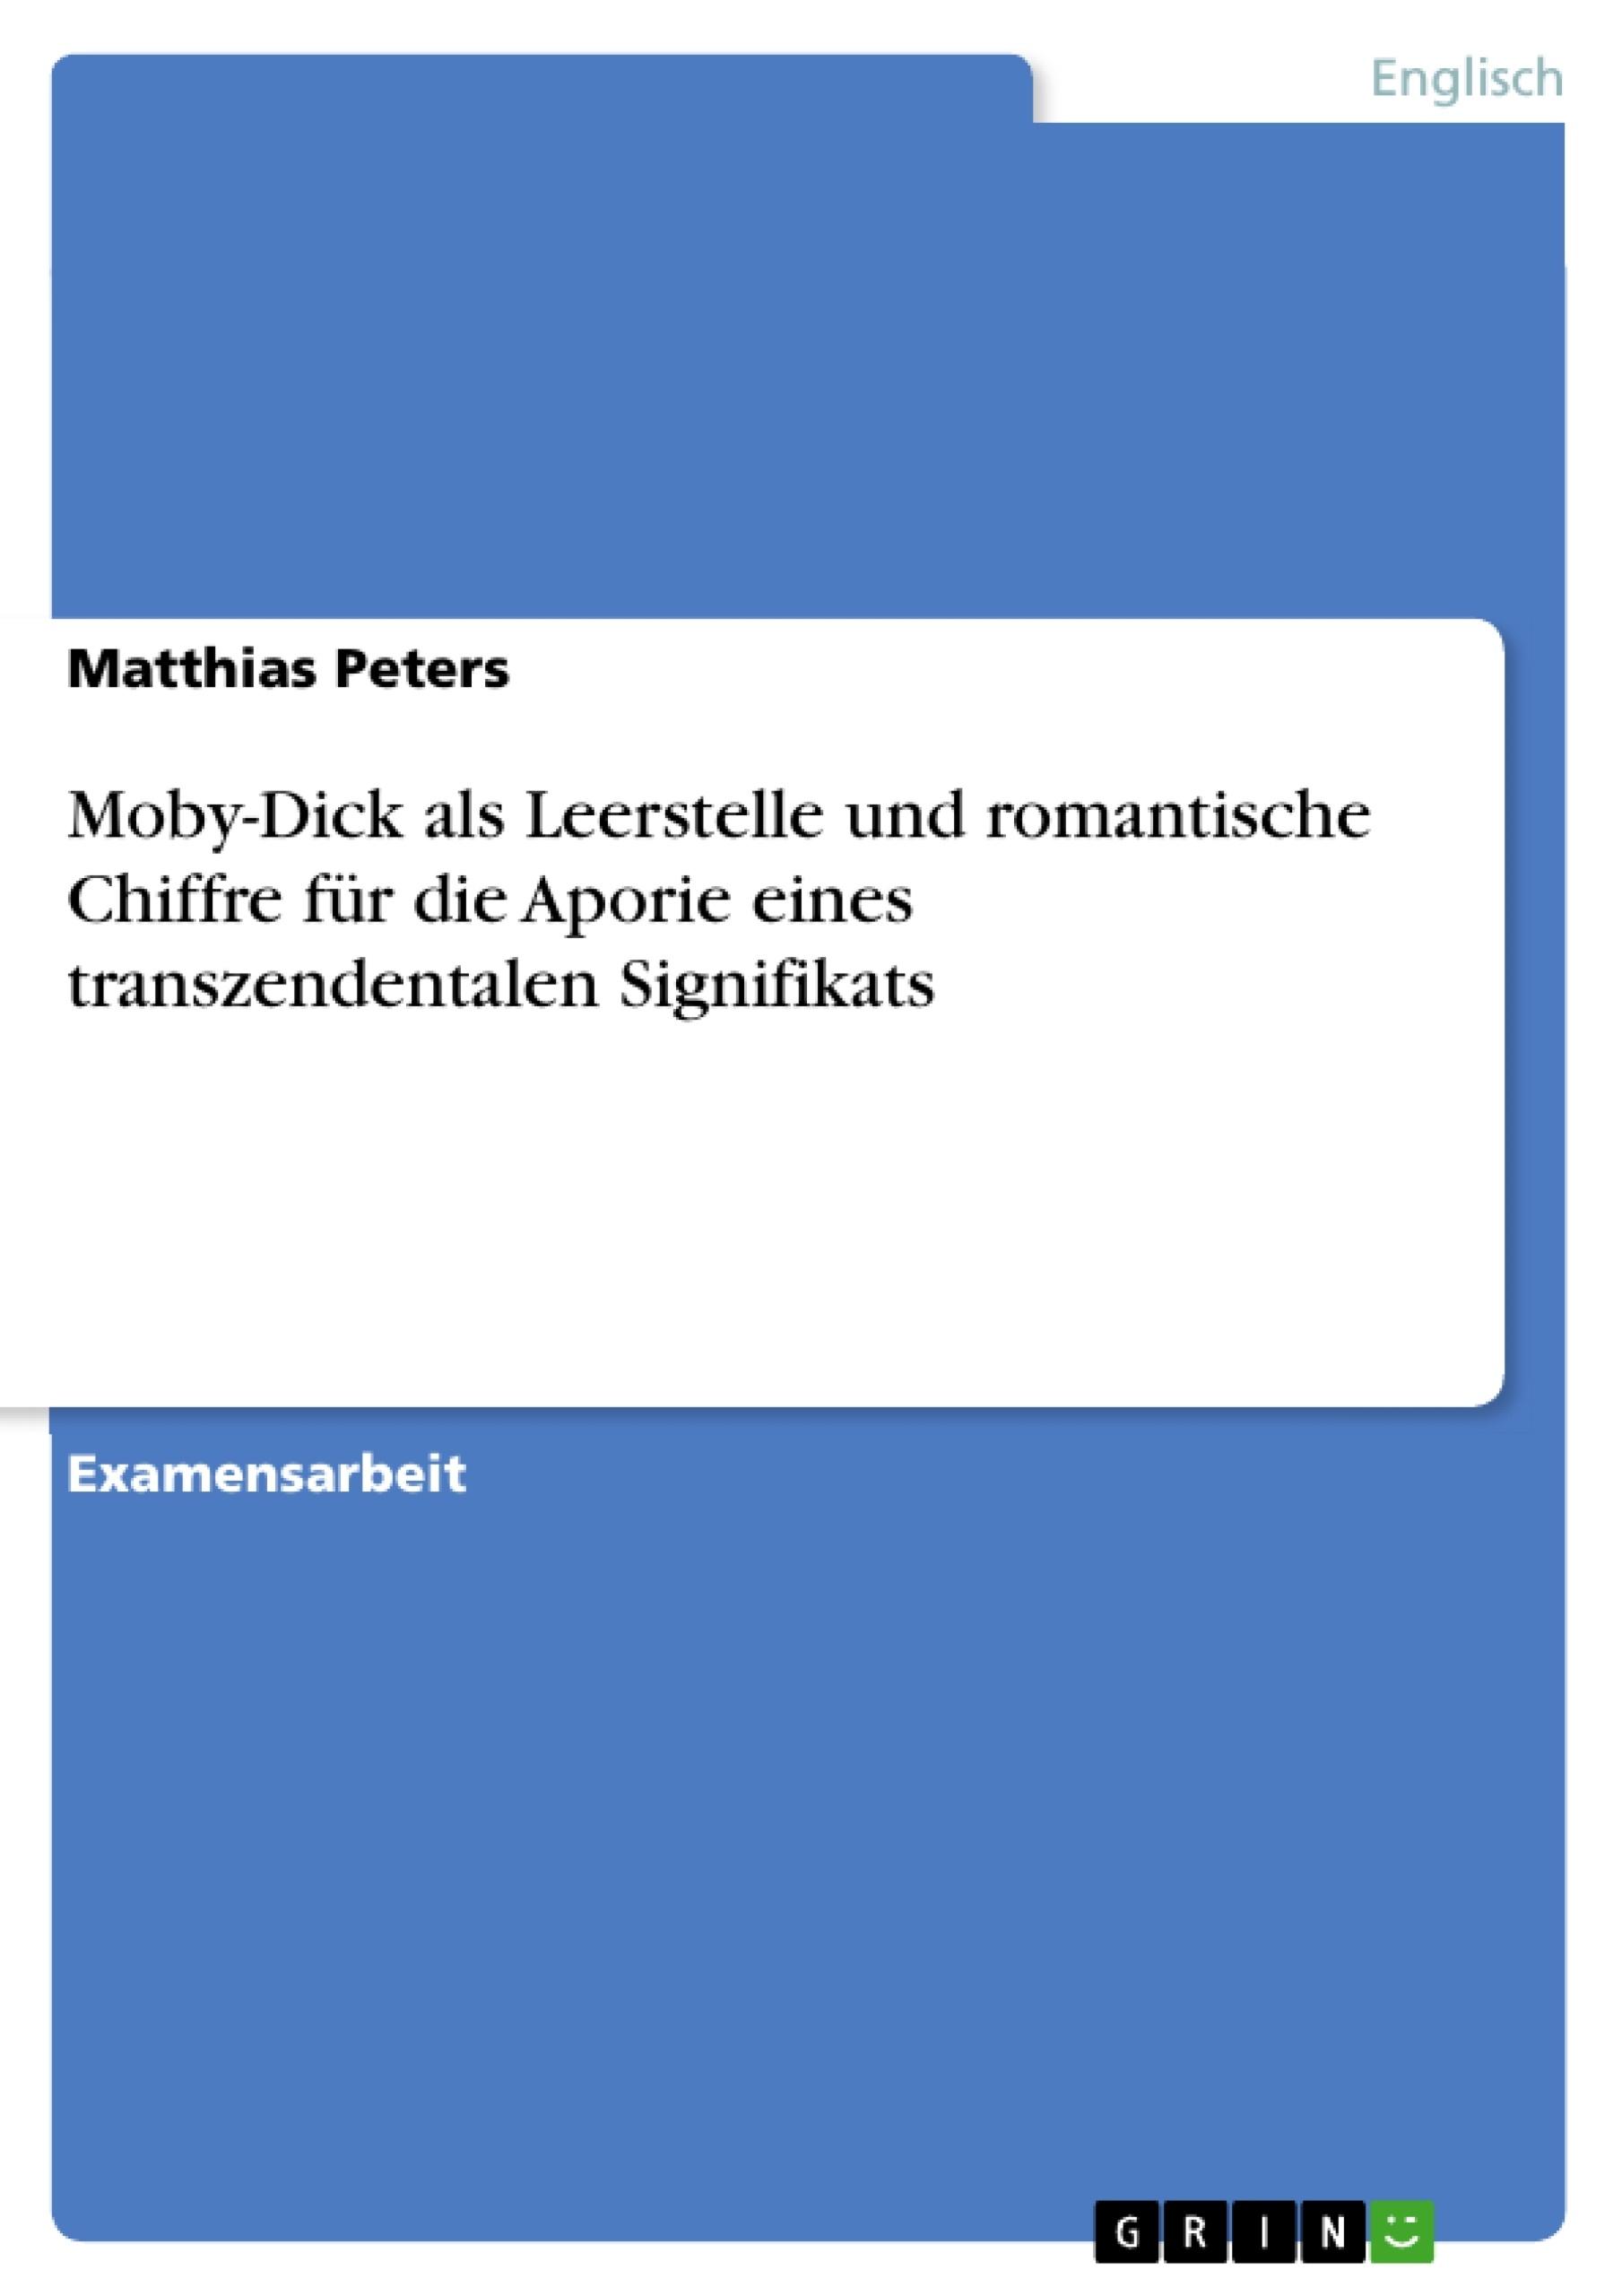 Titel: Moby-Dick als Leerstelle und romantische Chiffre für die Aporie eines transzendentalen Signifikats